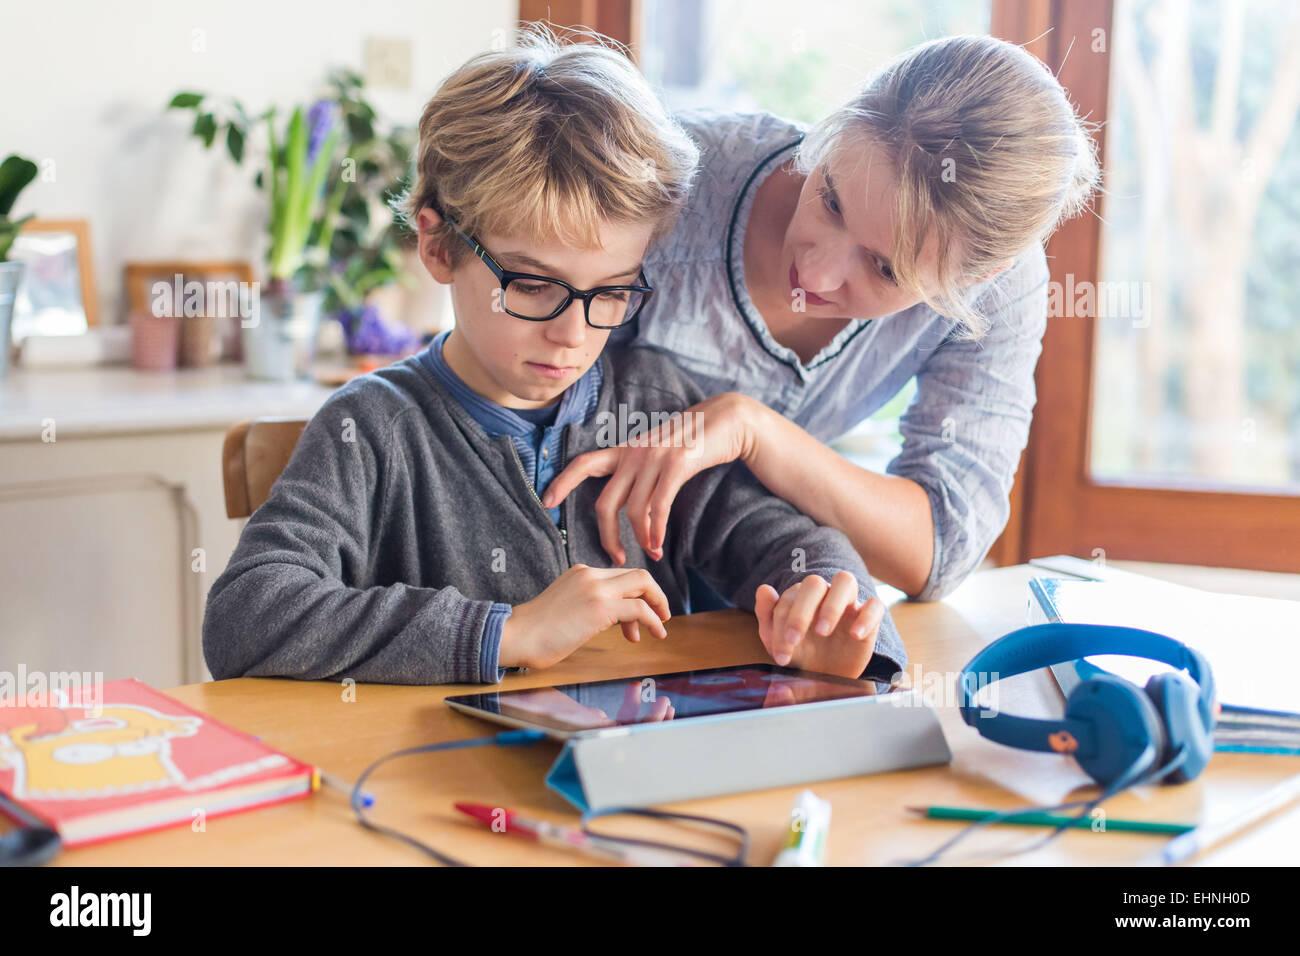 Niño de 8 años con Tablet PC. Imagen De Stock